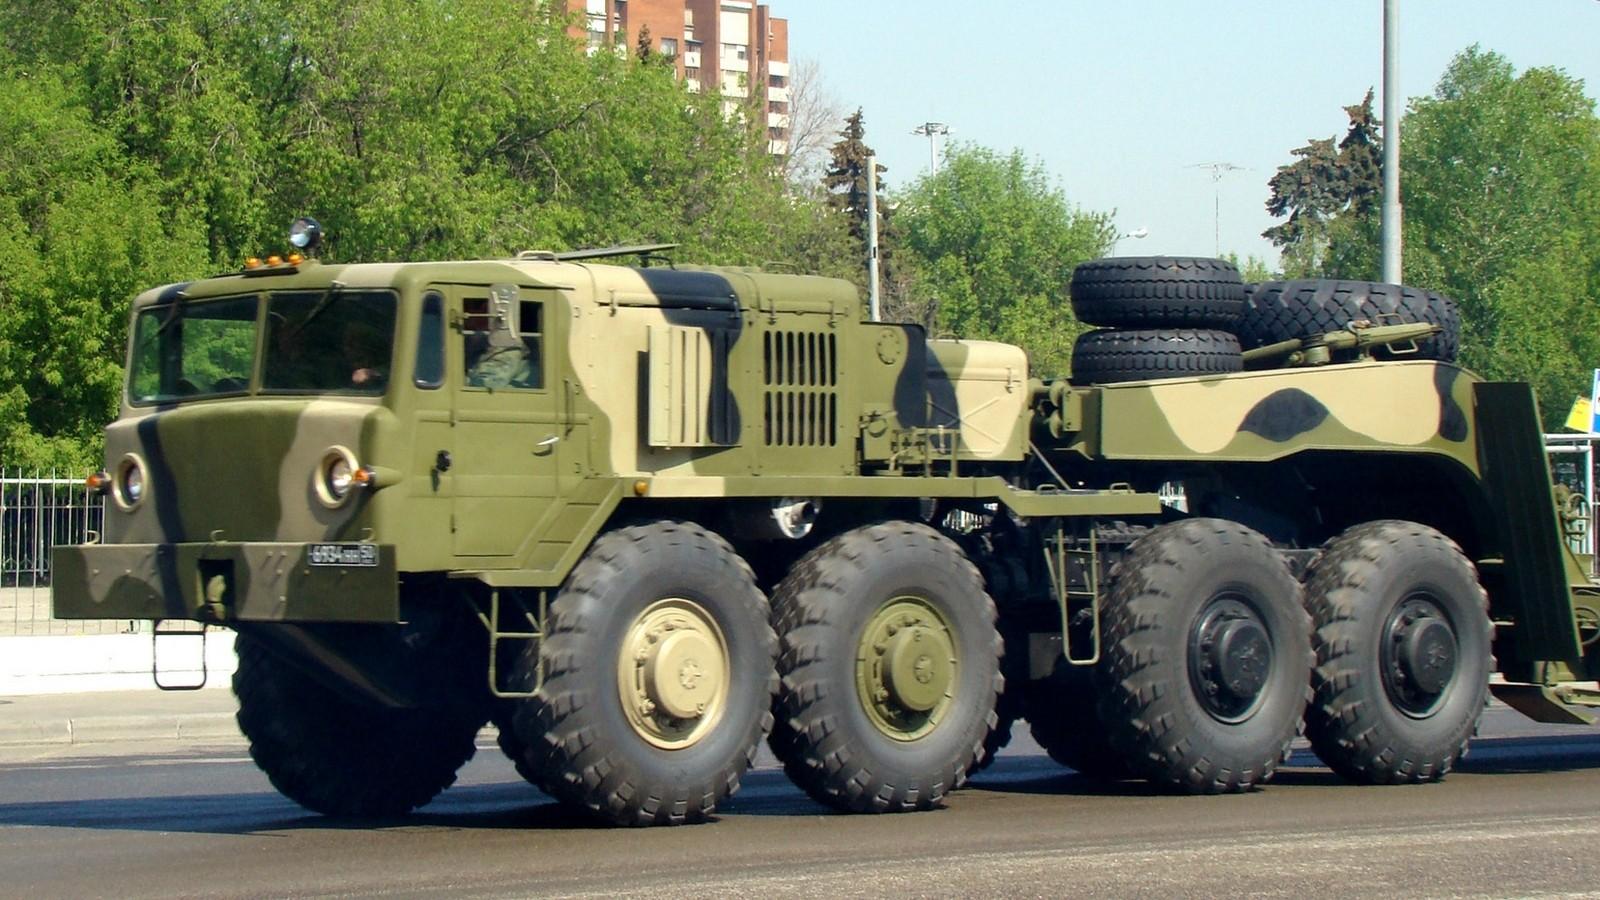 МАЗ-537Г последнего выпуска для буксировки танковых полуприцепов (фото автора)